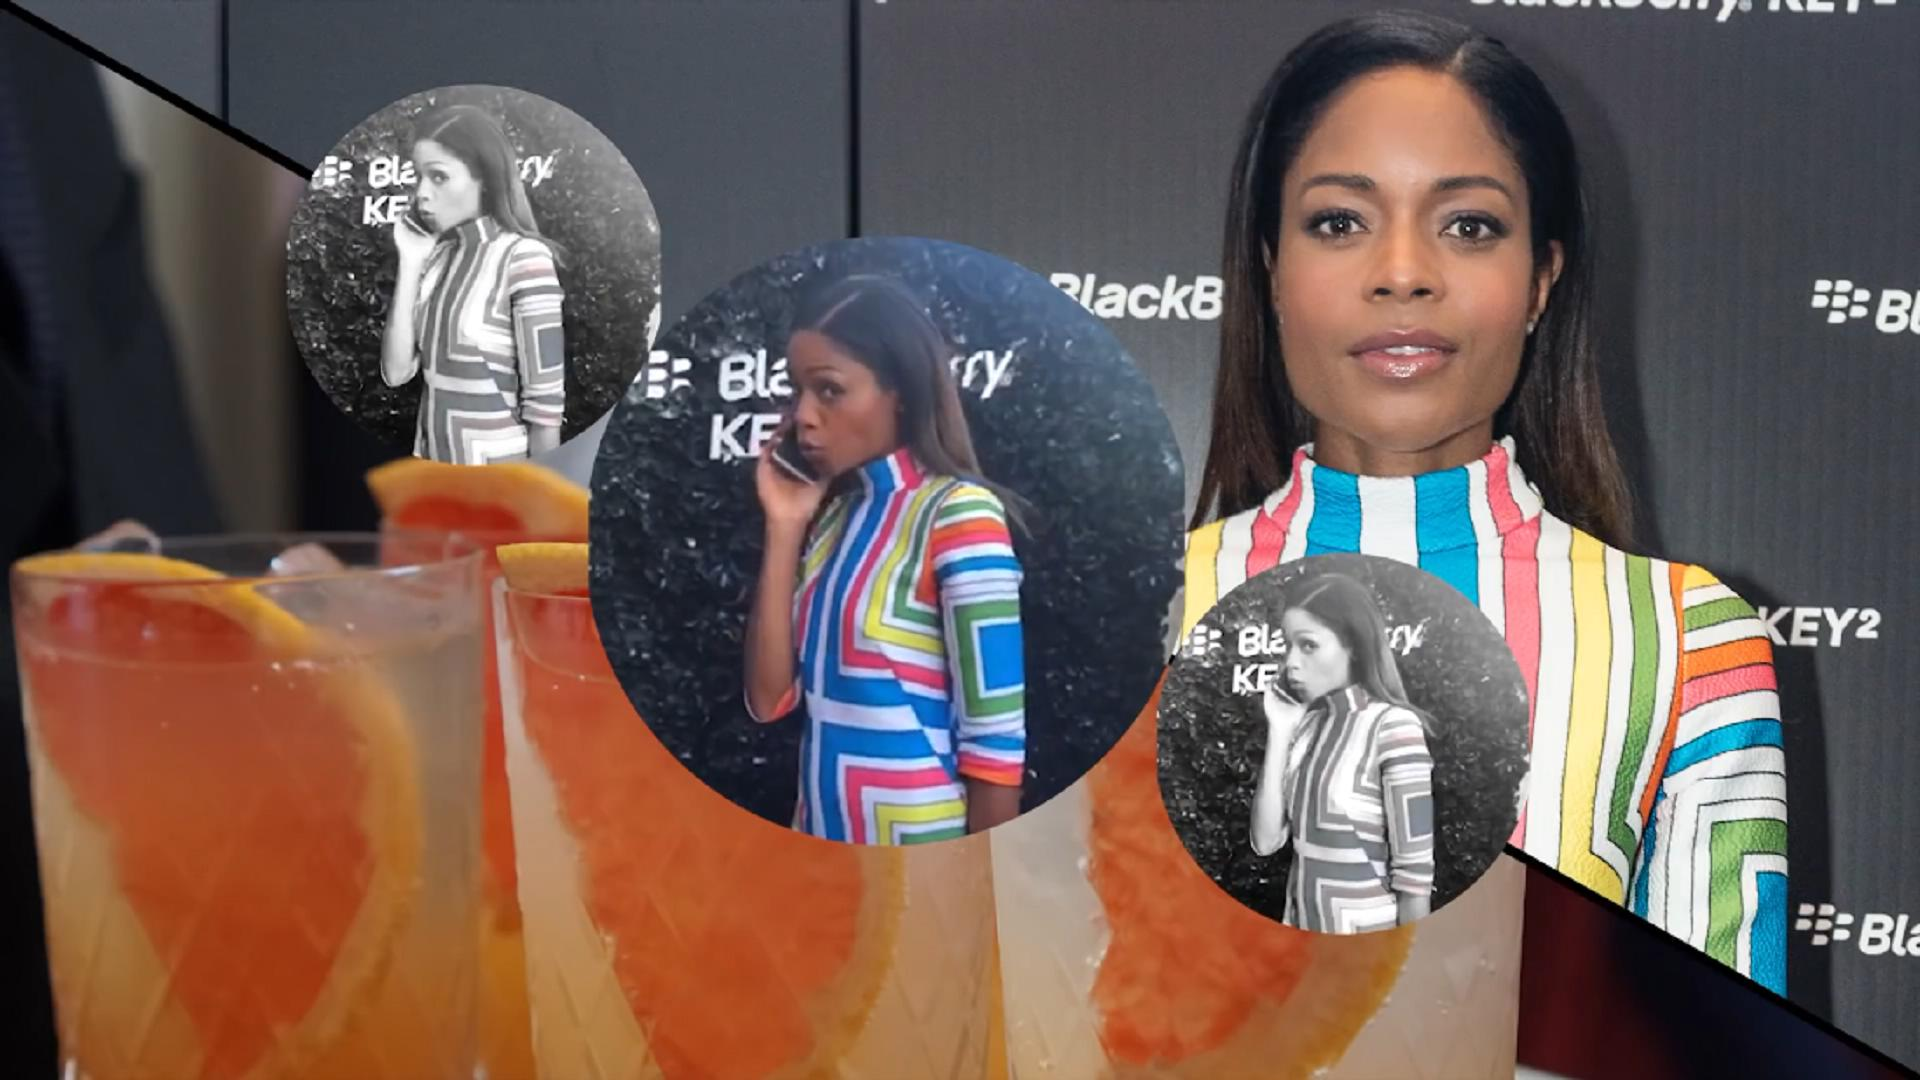 娜奥米·哈里斯(Naomie Harris)参加黑莓手机活动